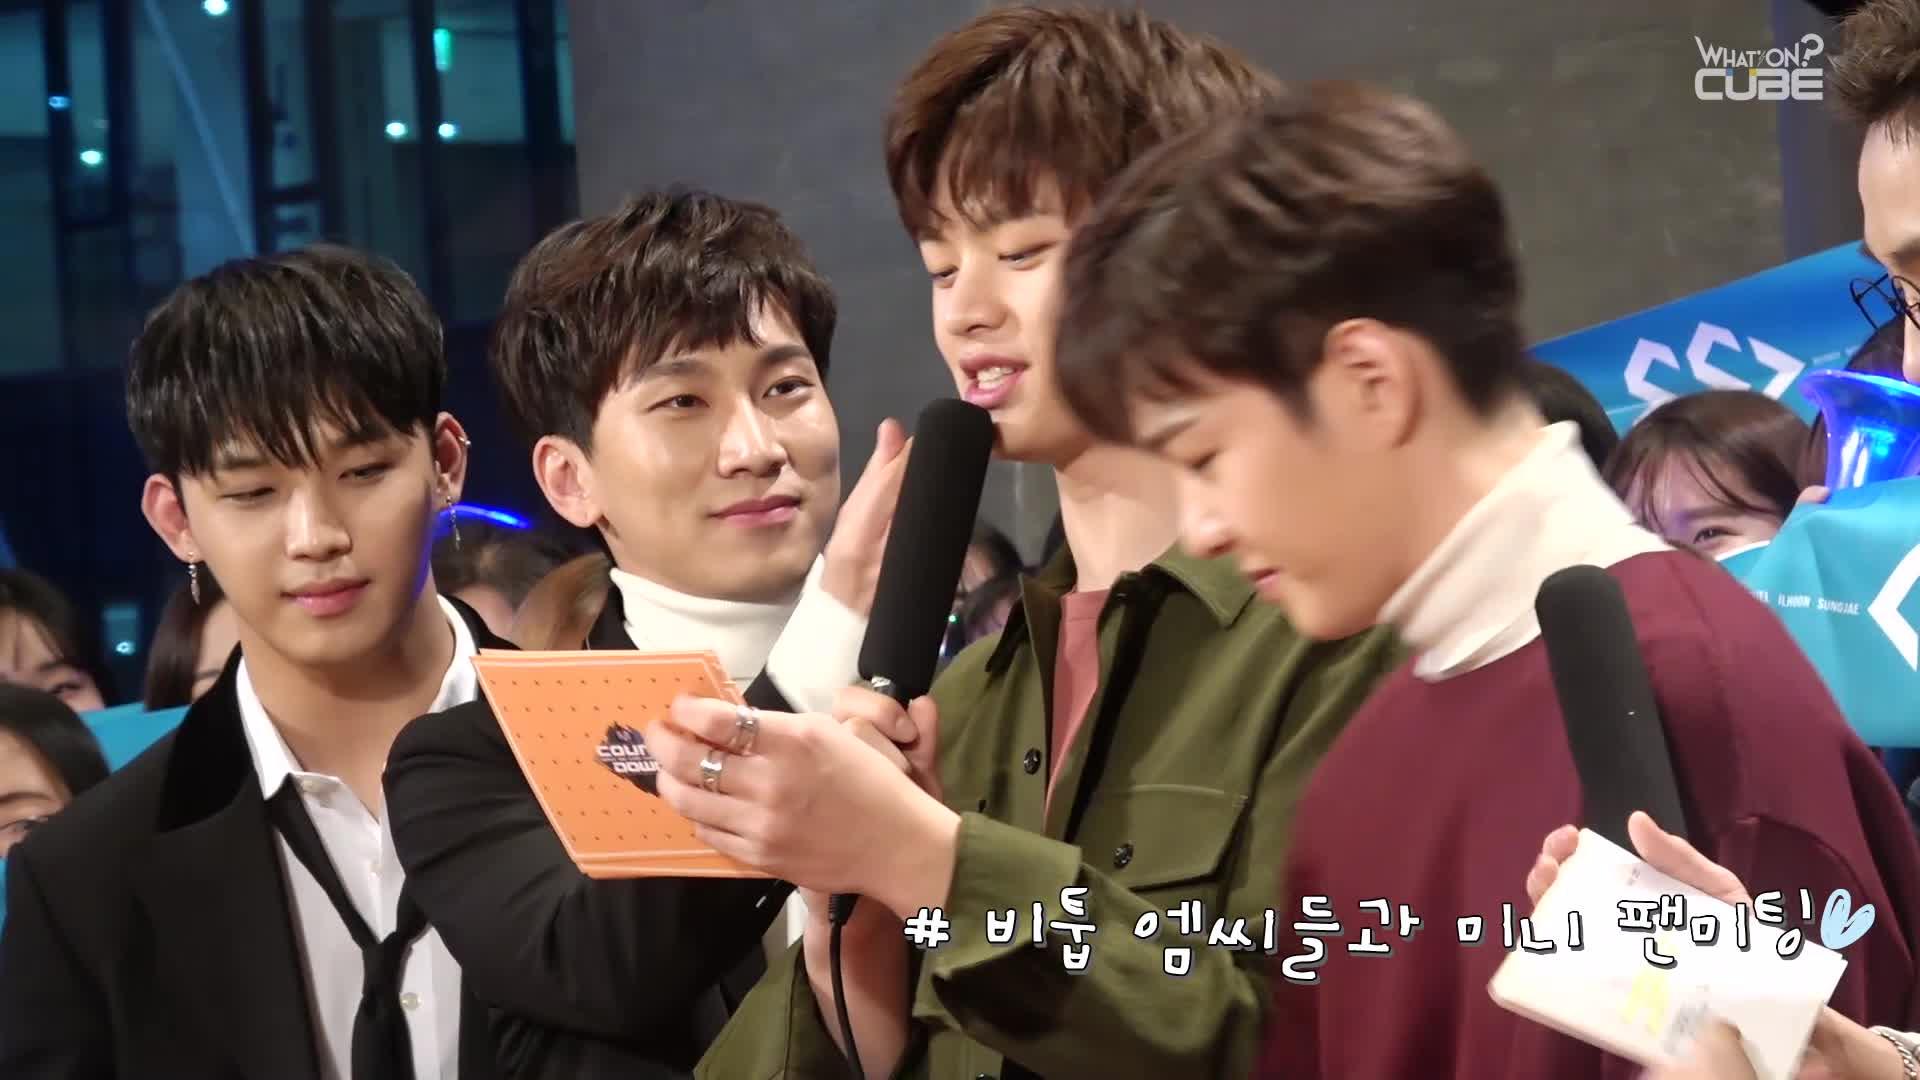 비투비 - 비트콤 #29 ('그리워하다' 컴백 첫 주 비하인드)